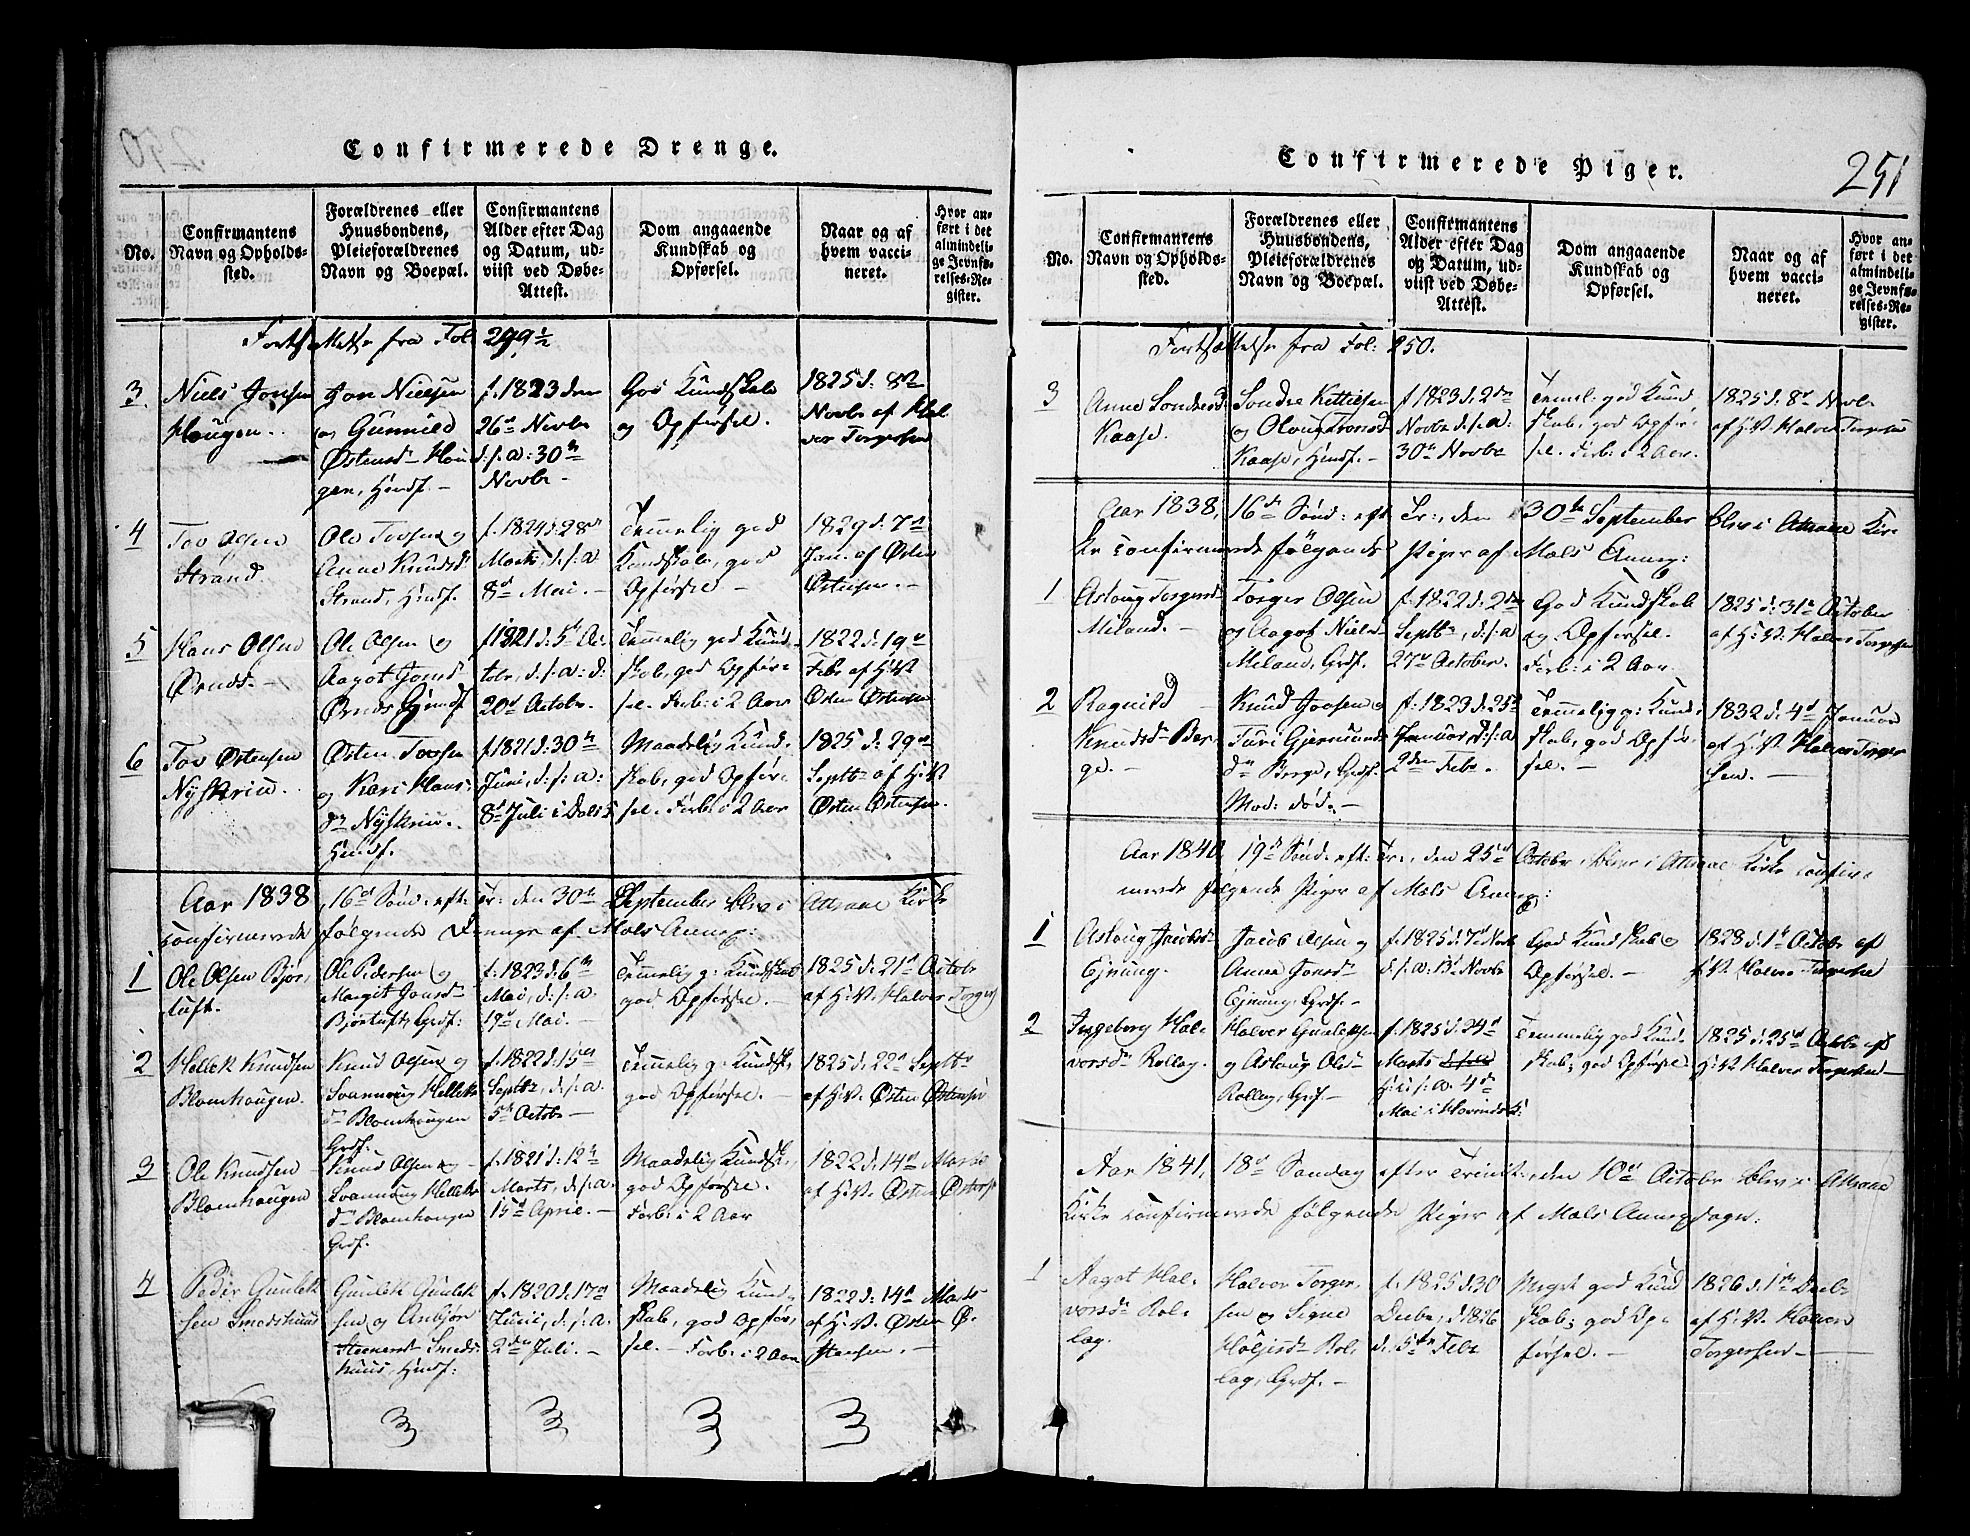 SAKO, Tinn kirkebøker, G/Gb/L0001: Klokkerbok nr. II 1 /1, 1815-1850, s. 251